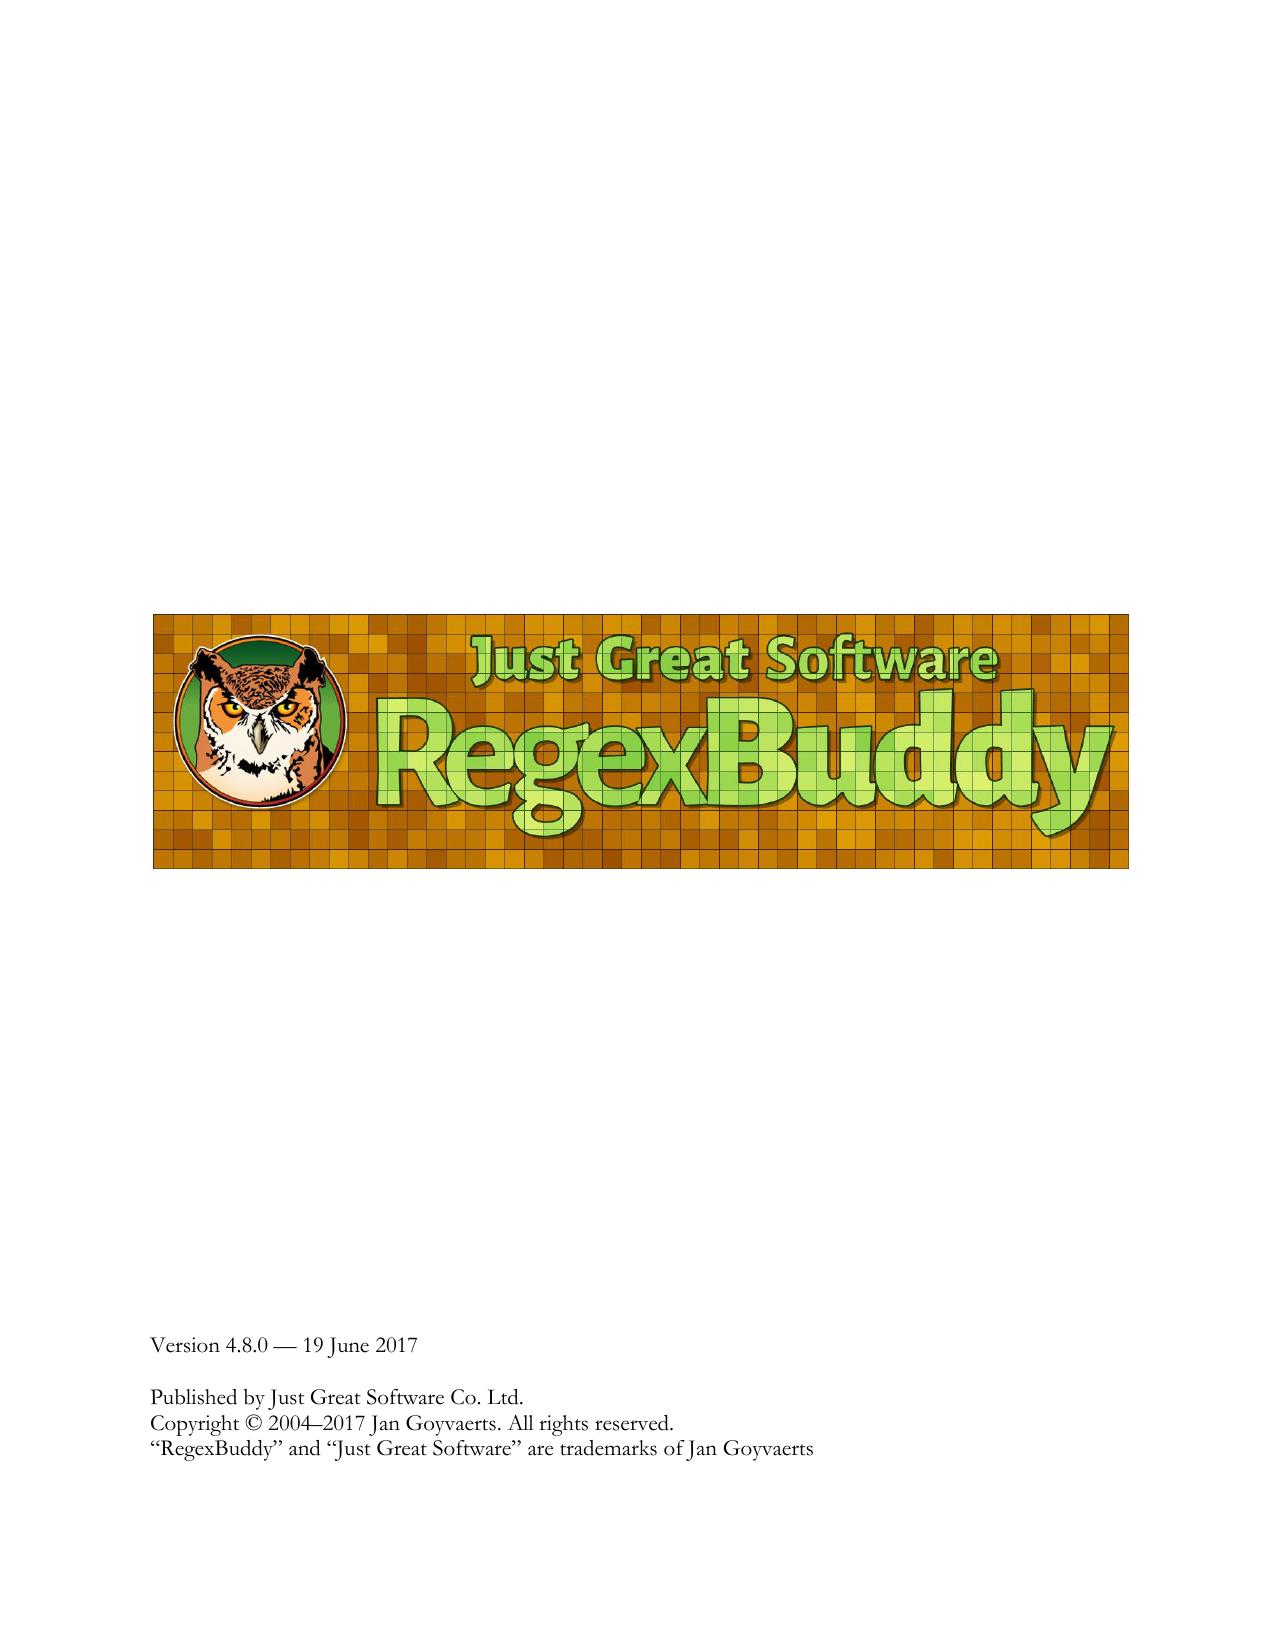 RegexBuddy manual in PDF format | manualzz com